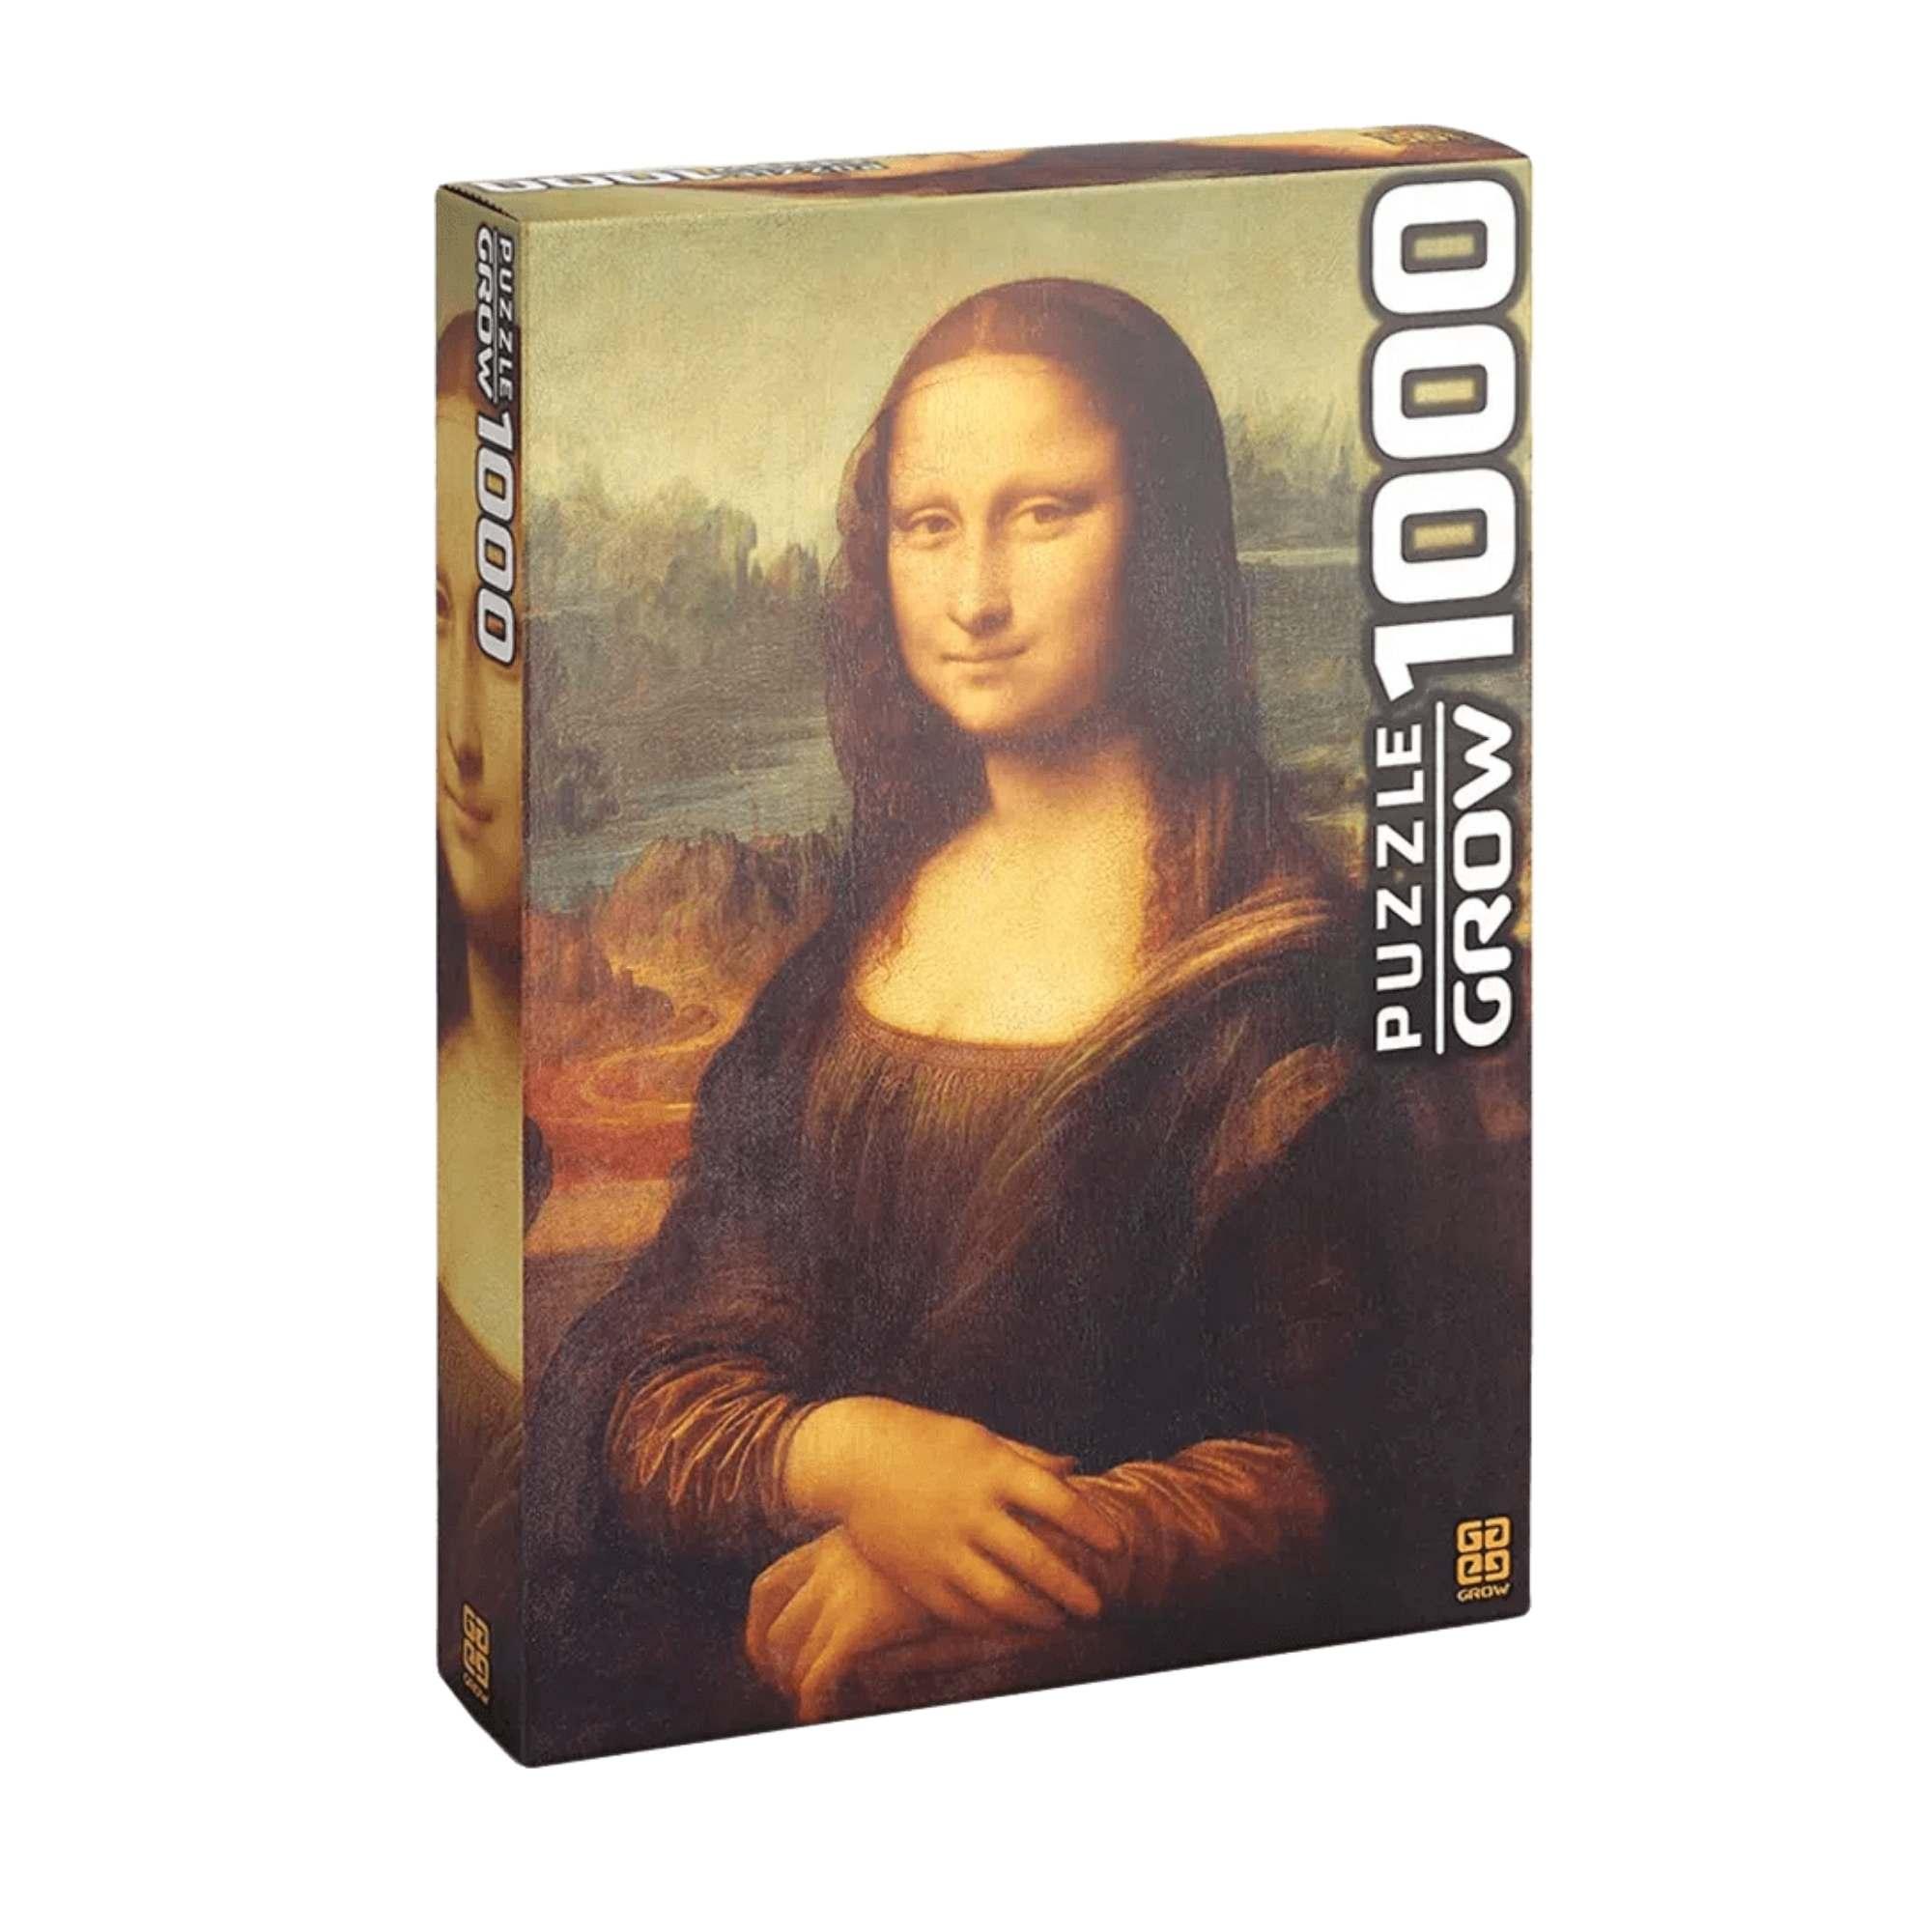 Quebra-Cabeça Monalisa 1000 Peças